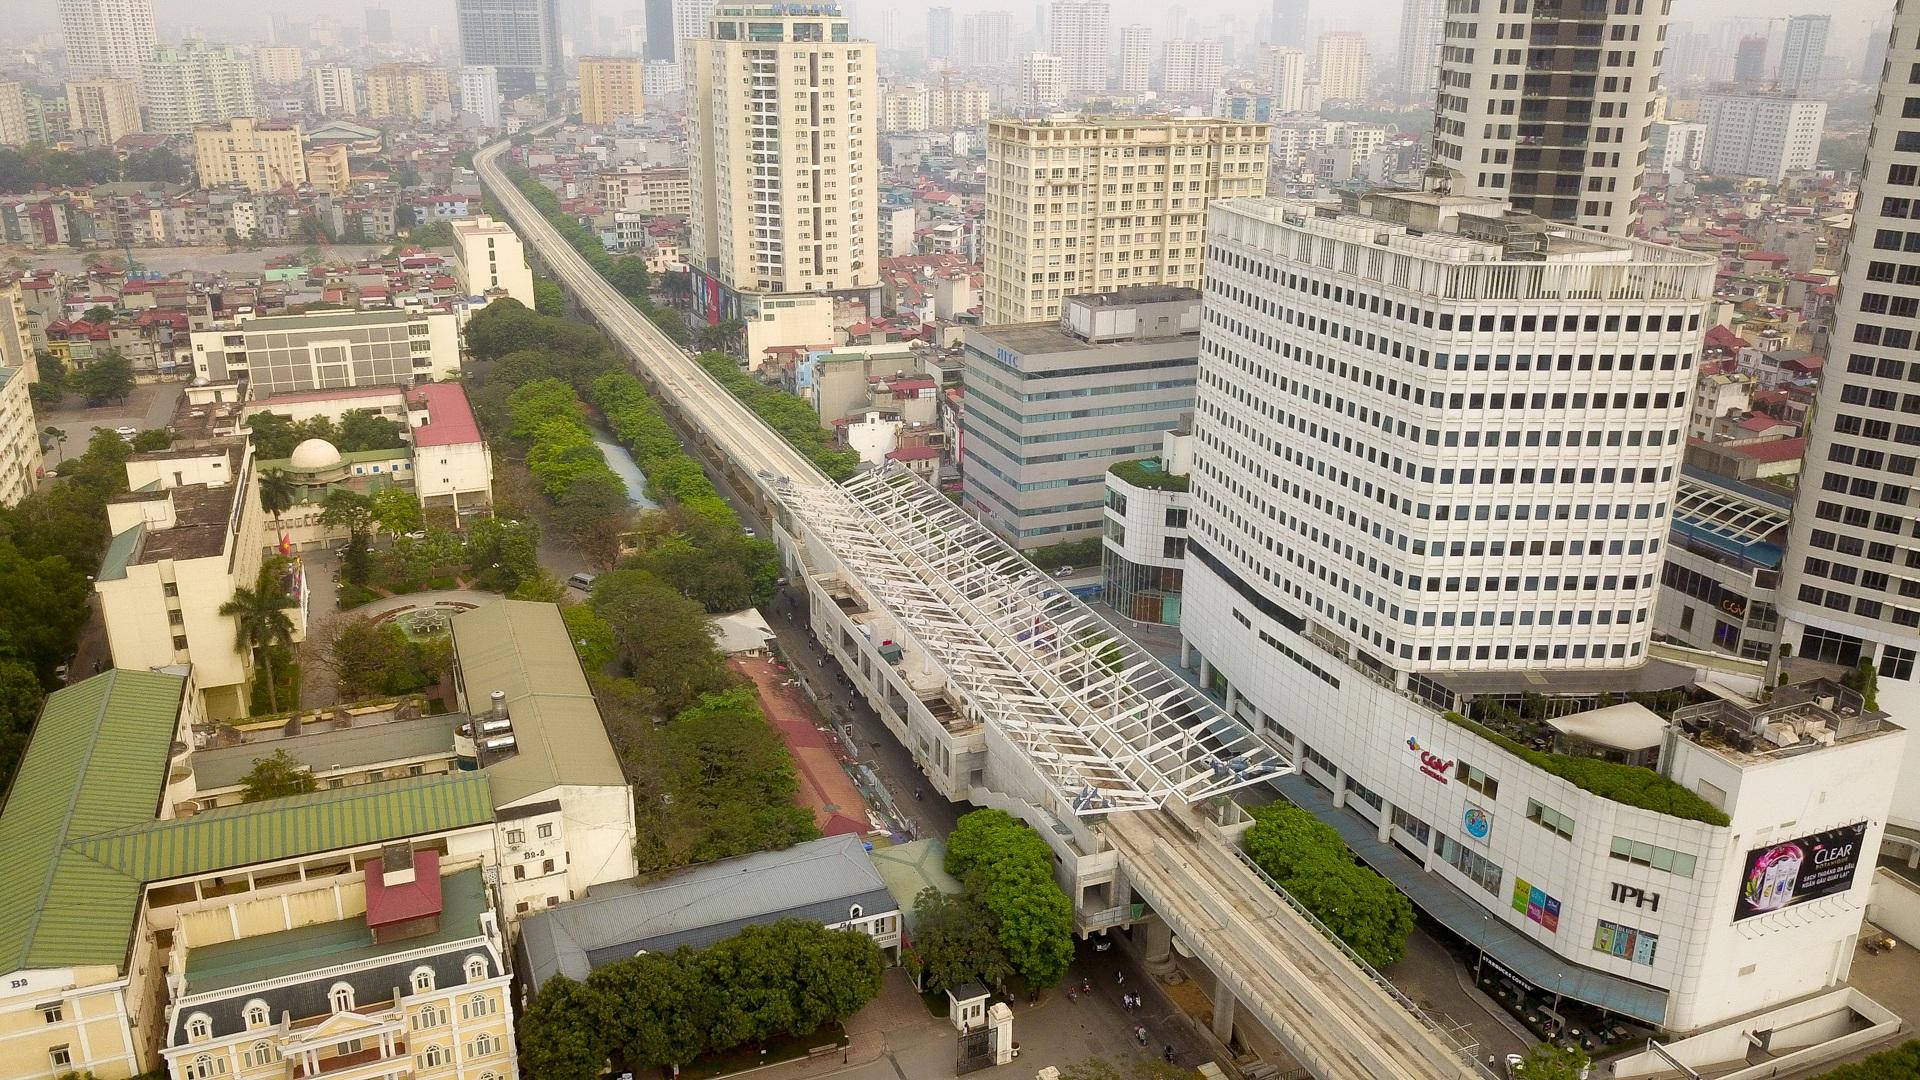 Metro Nhổn - ga Hà Nội thành hình đường trên cao xuyên qua phố phường Thủ đô - 4